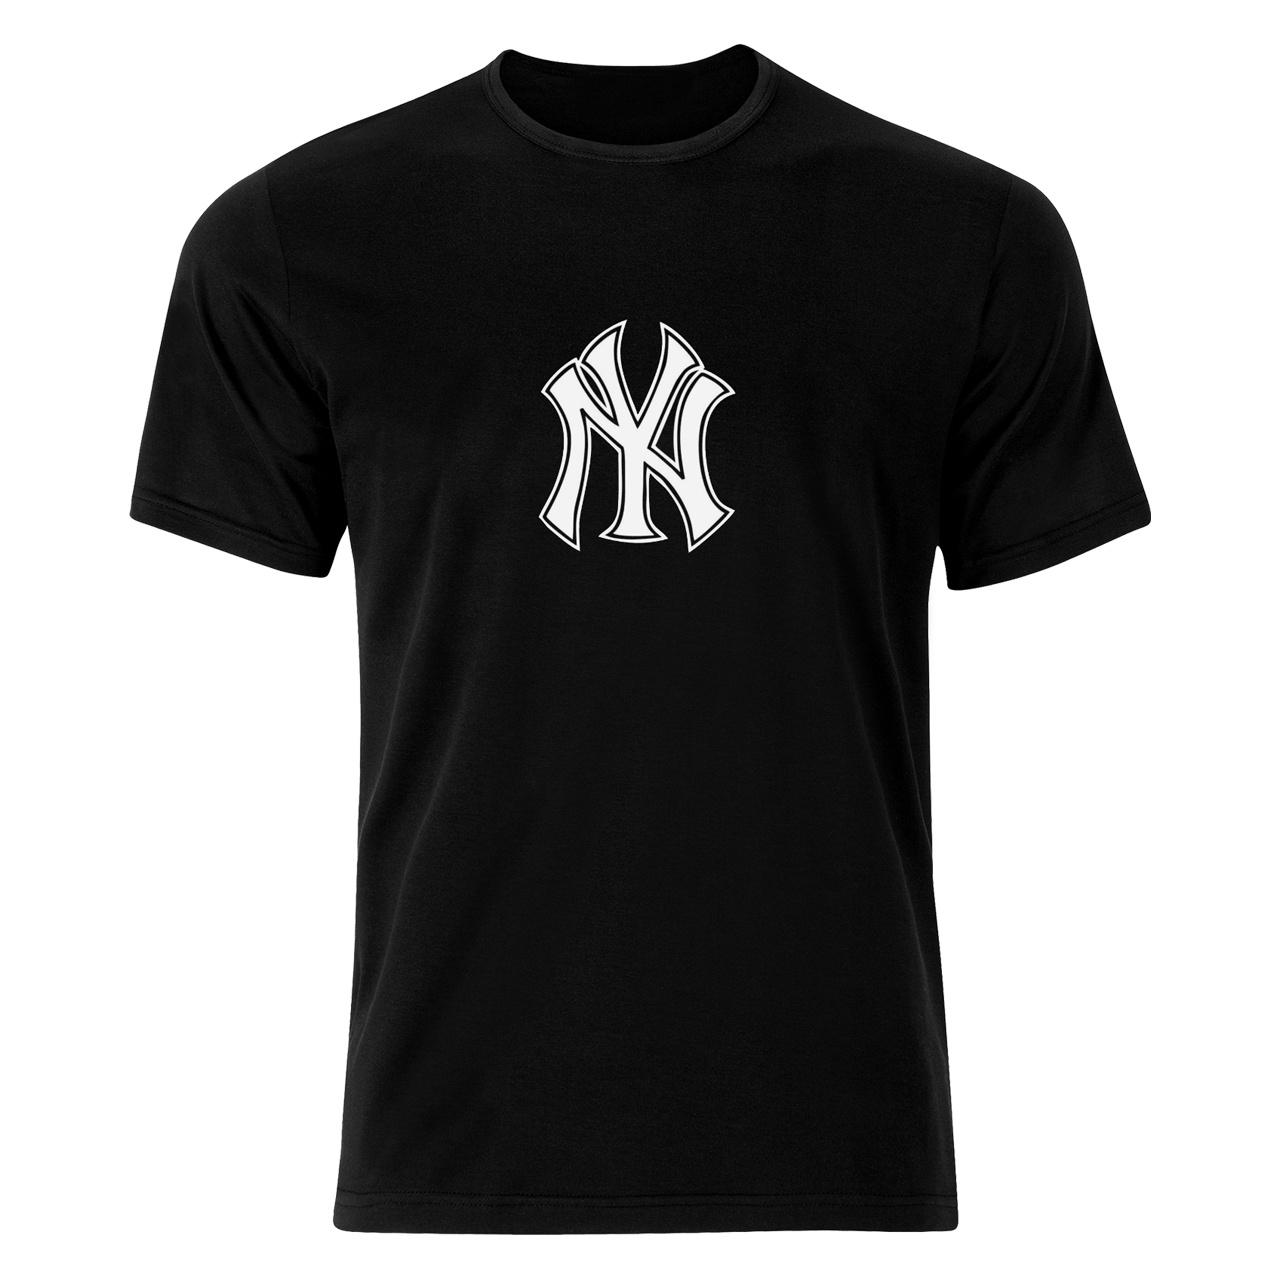 تصویر تی شرت مردانه طرح یانکی مدل  B 77181